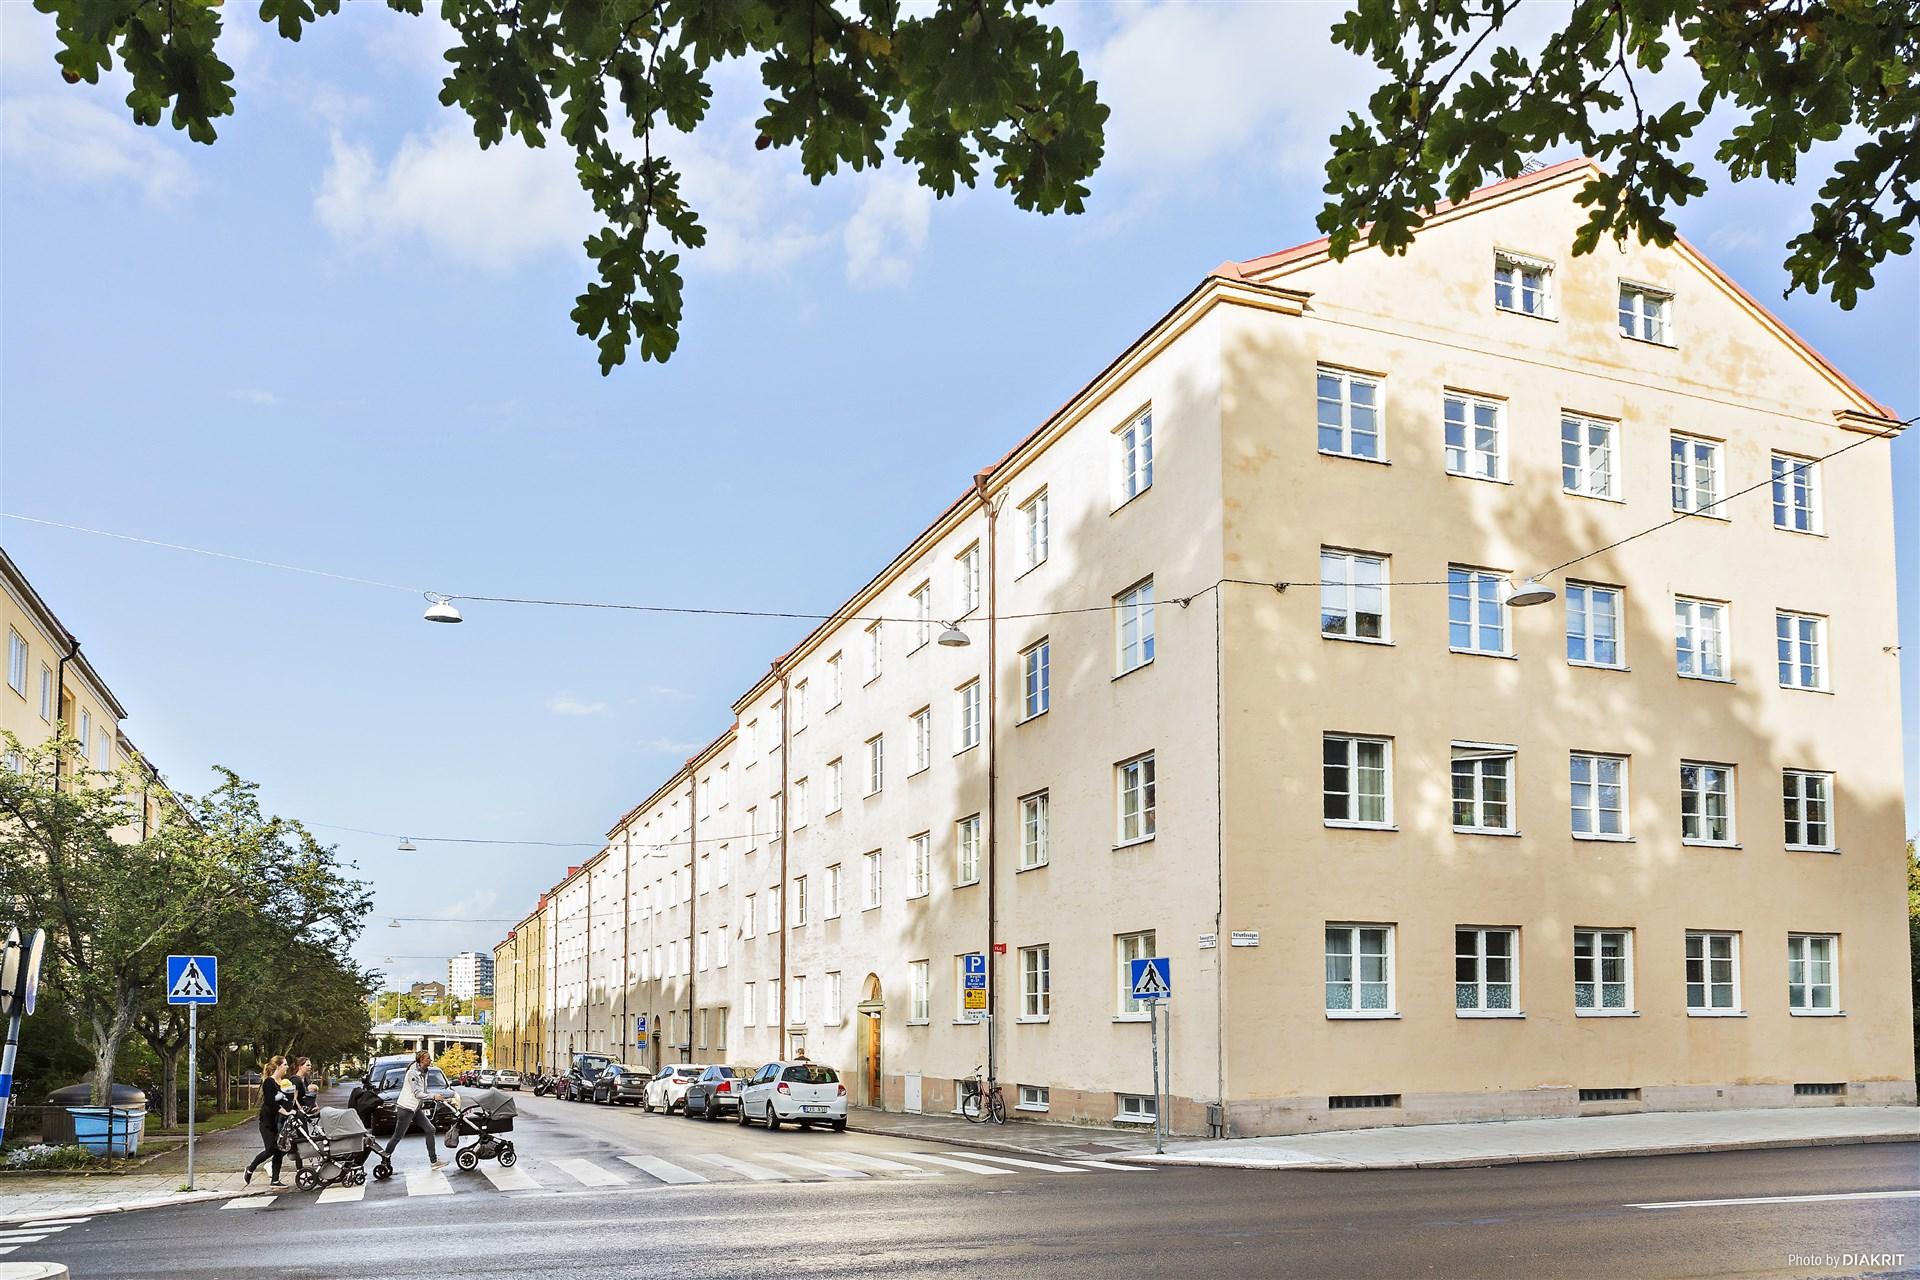 Runiusgatan/ Rålambsvägen